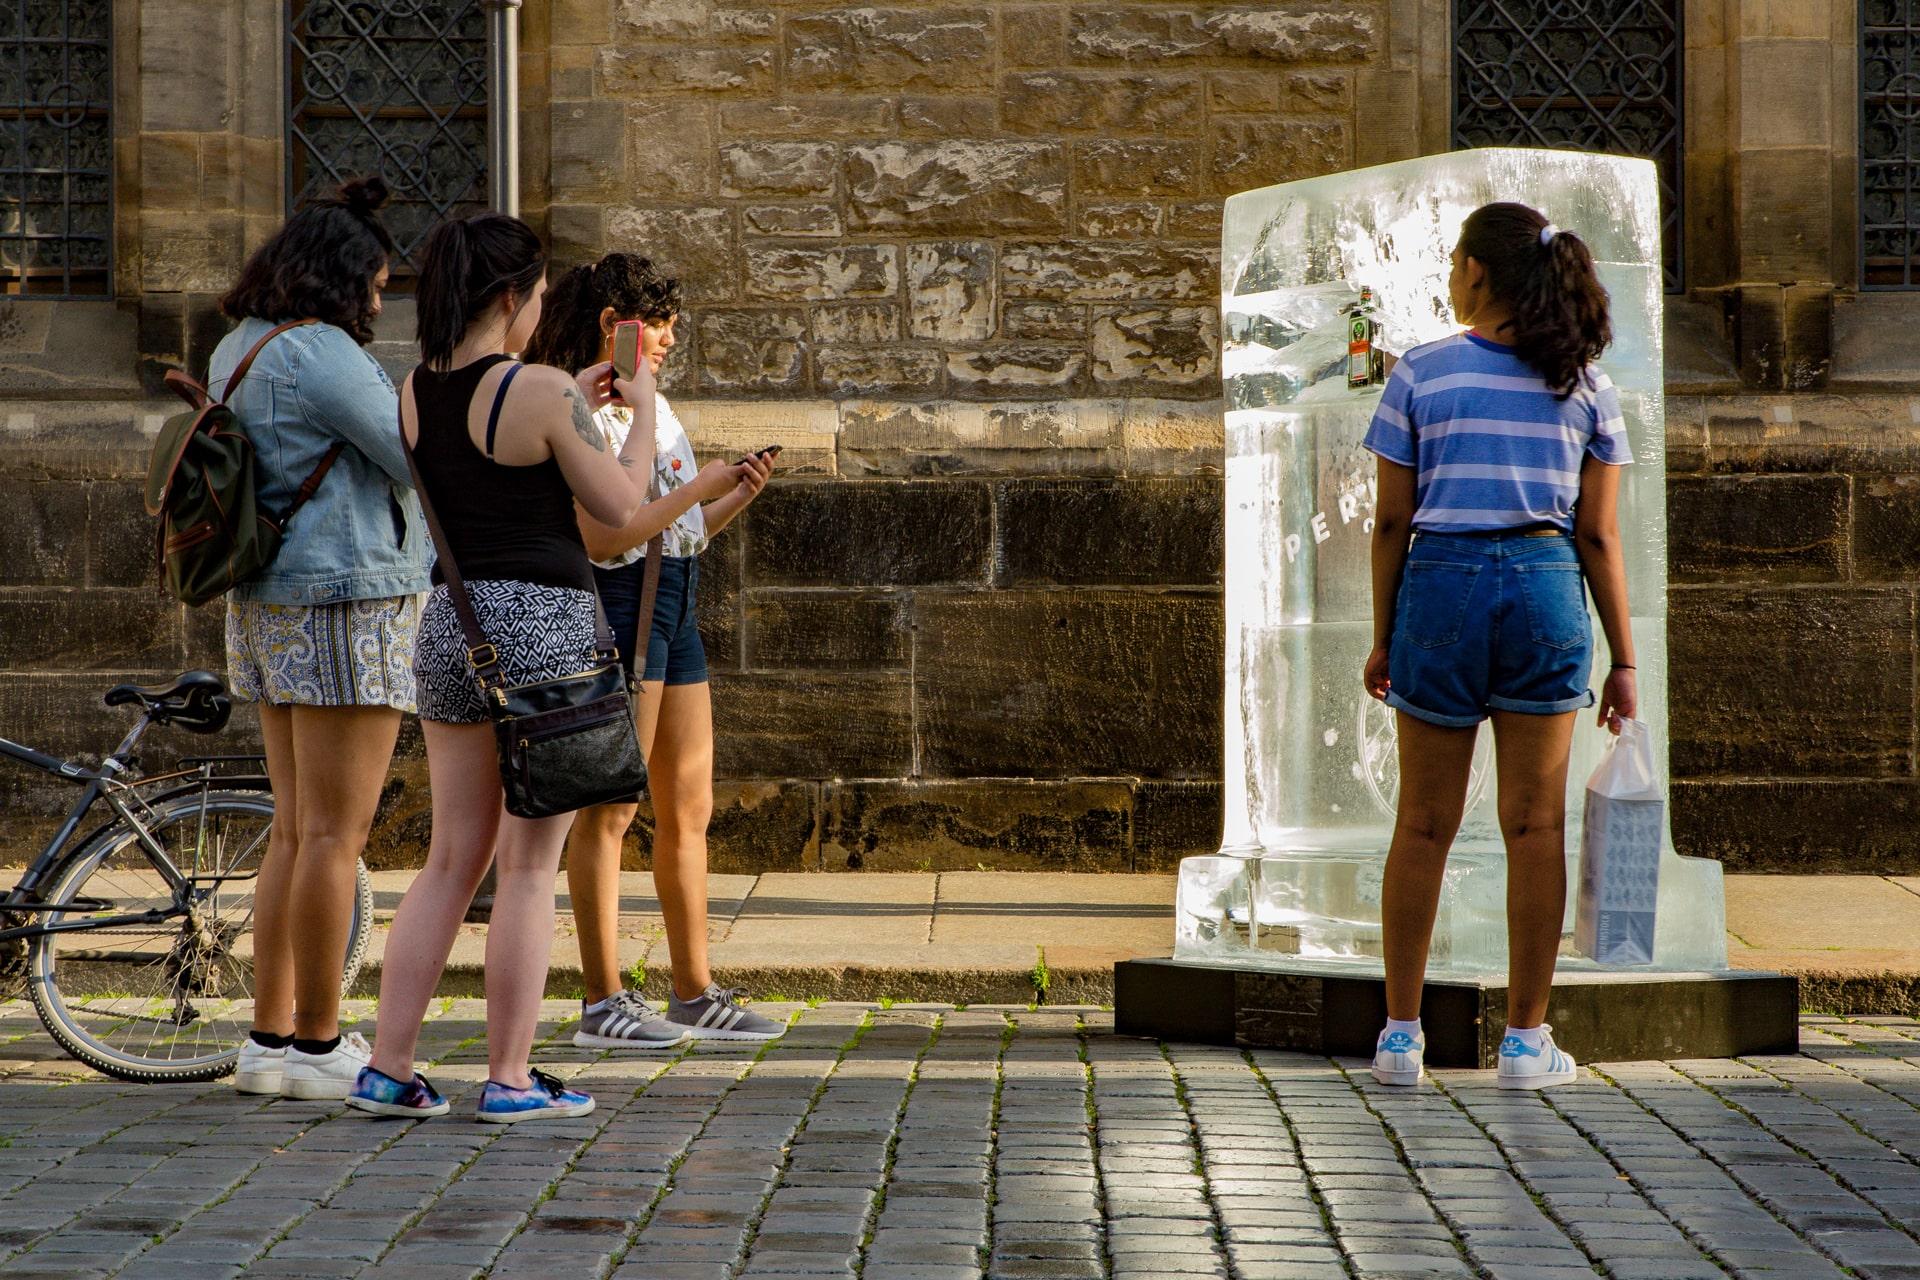 Gruppe Frauen fotografiert Eisplakat von Jägermeister